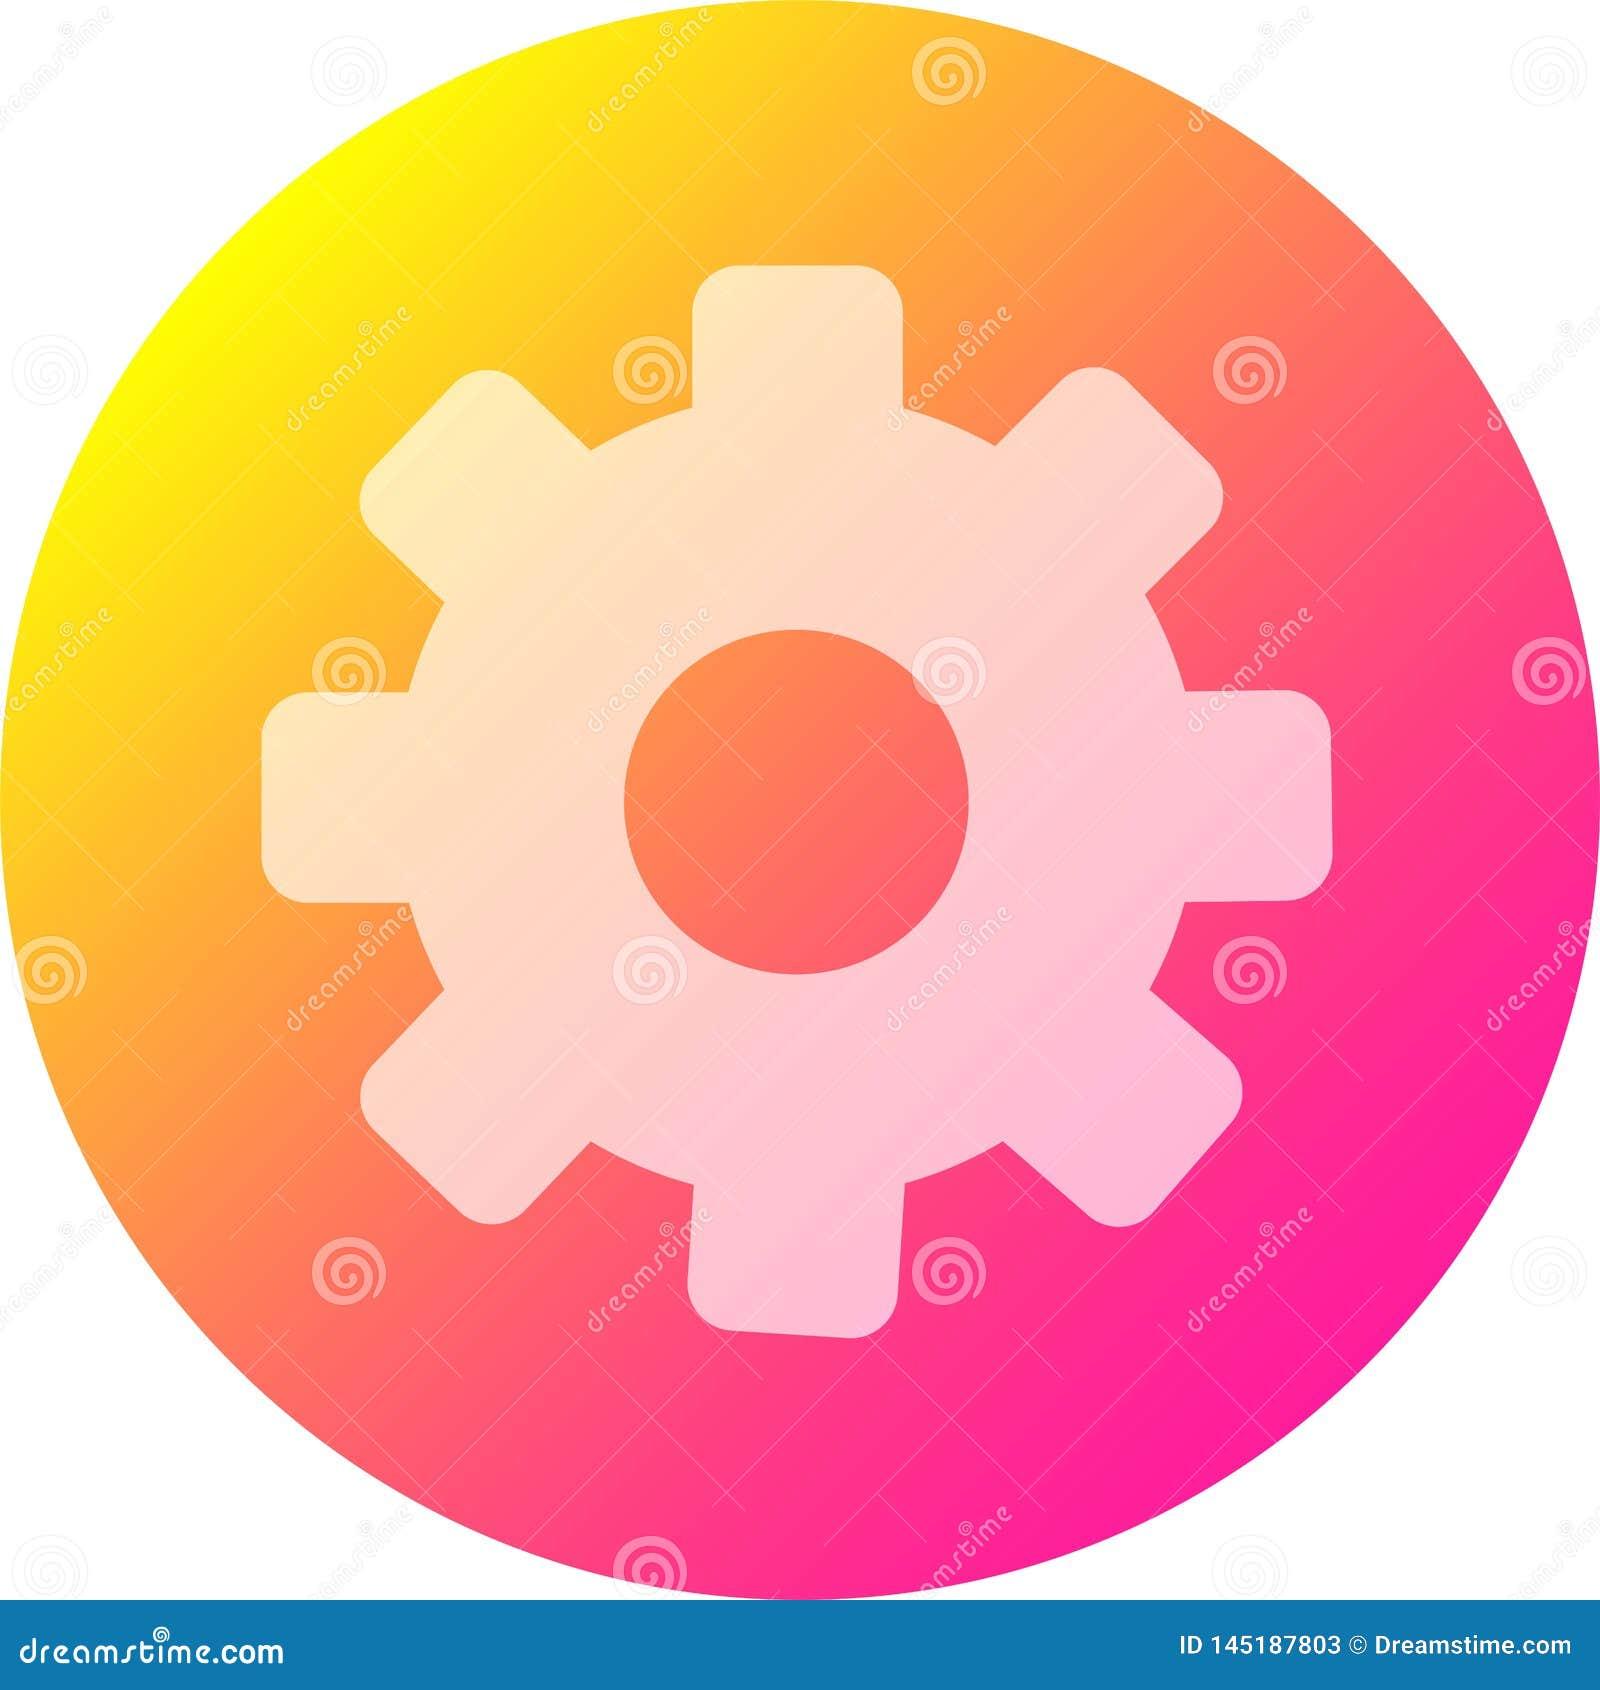 Inställningssymbol för applikationer och extra särdrag